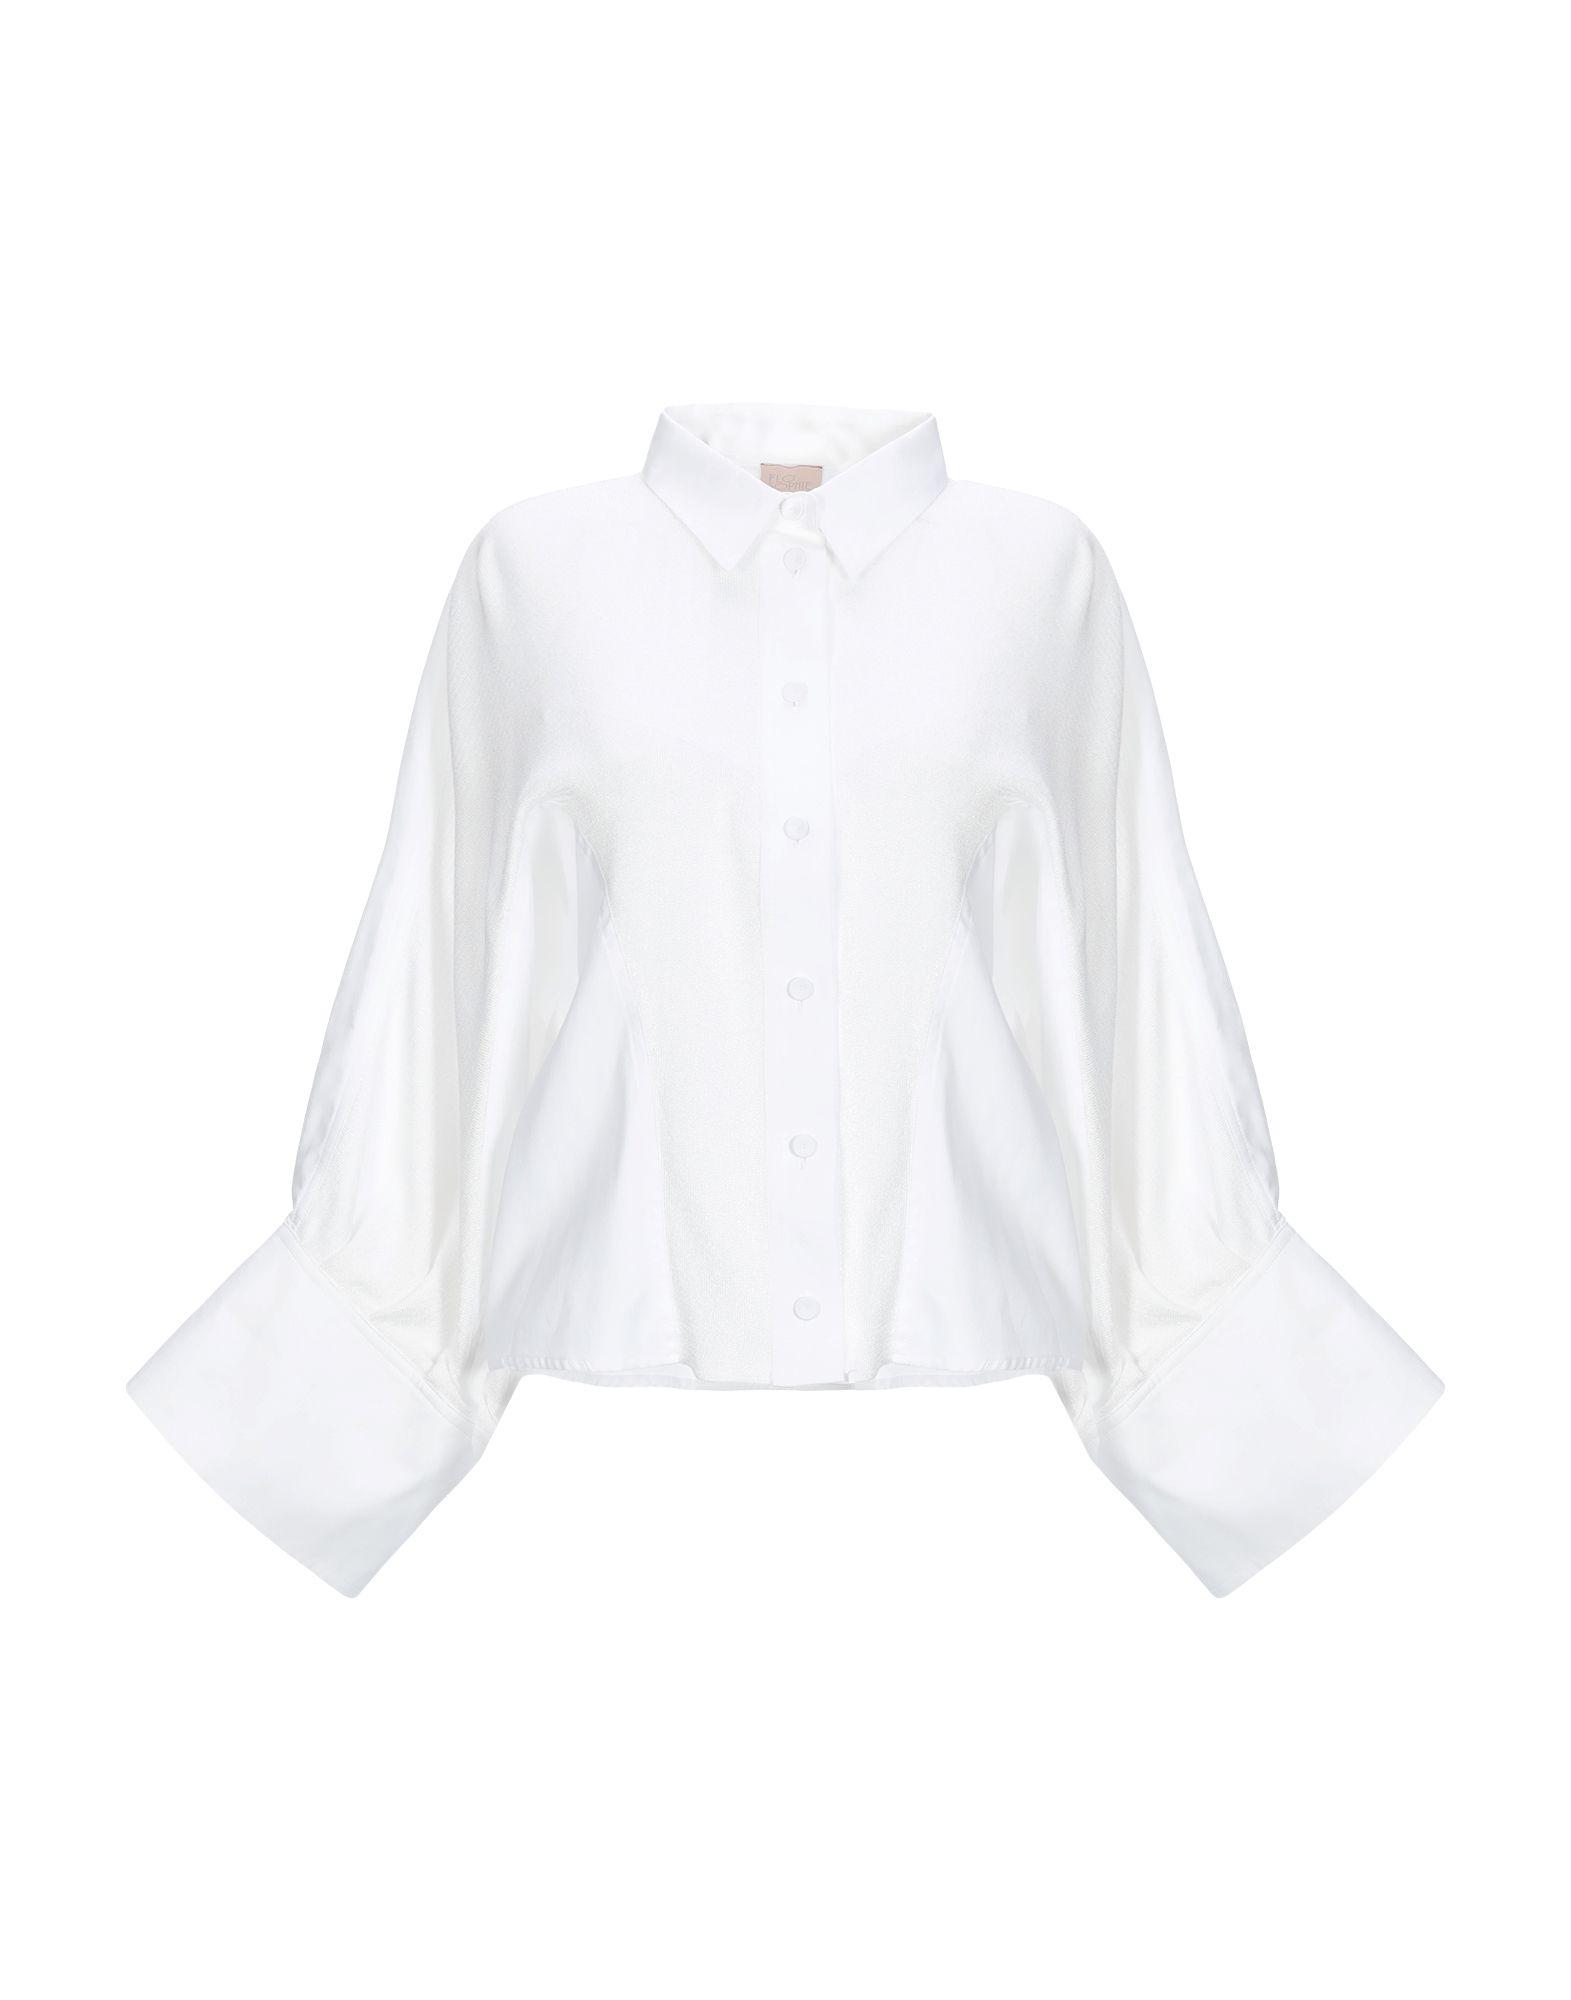 《期間限定セール中》FLO' SOPHIE レディース シャツ ホワイト 40 コットン 65% / レーヨン 20% / ポリエステル 15%